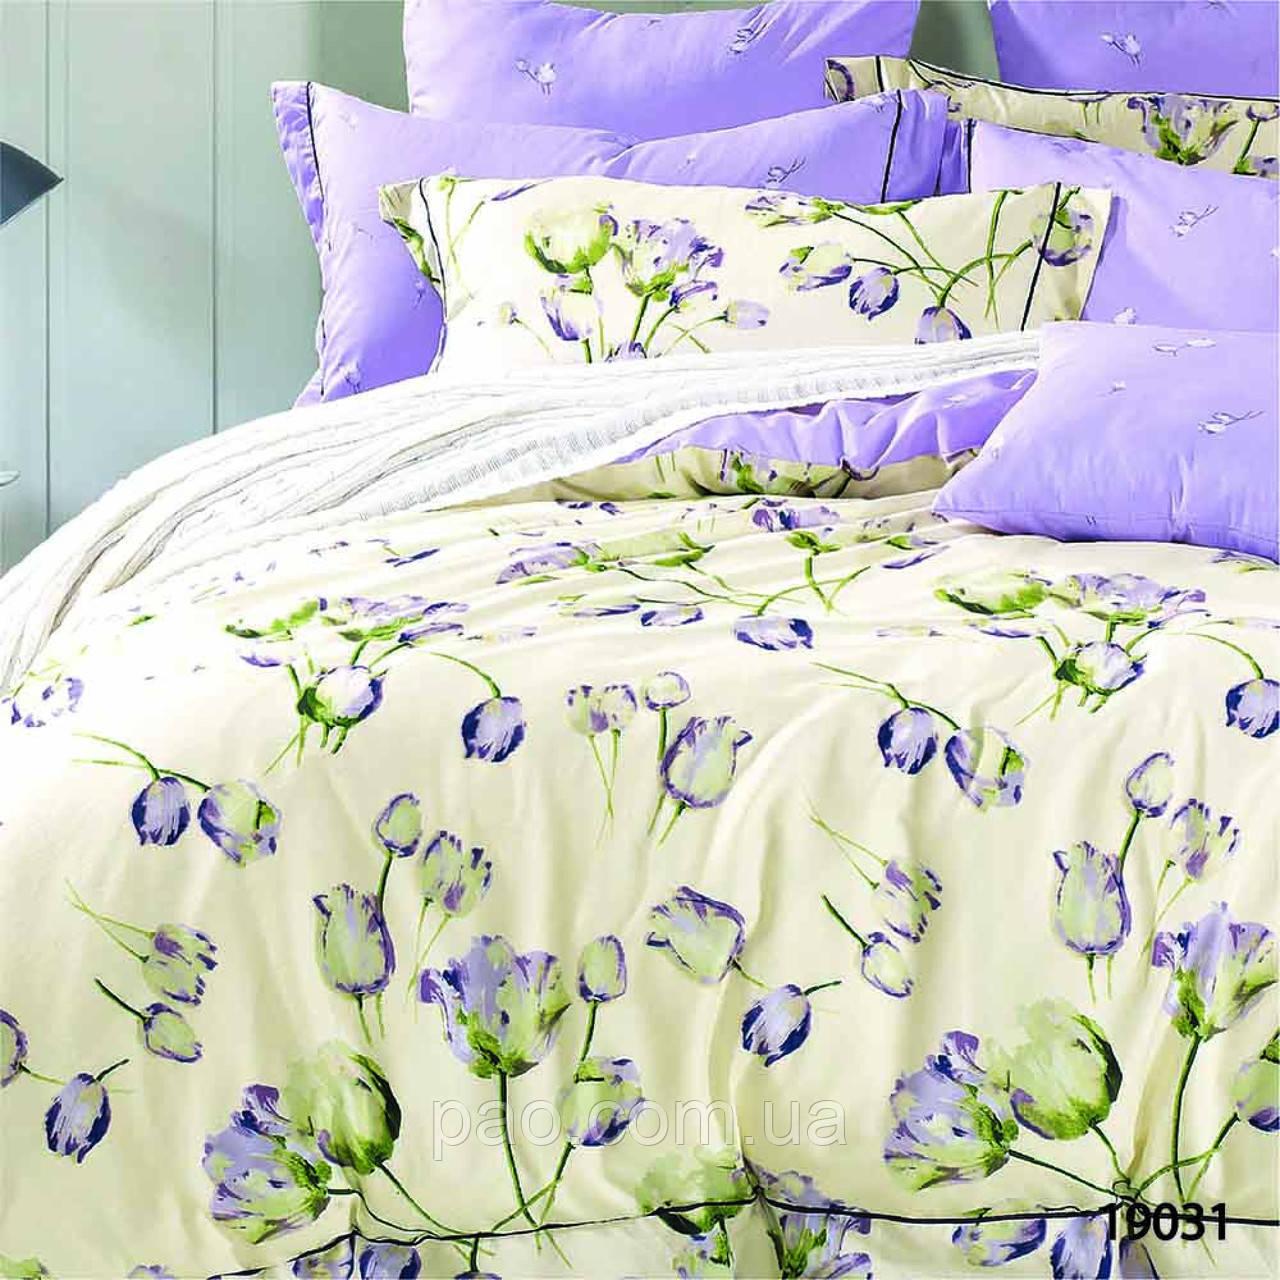 Постельное белье Сказочные тюльпаны, ранфорс, полуторный комплект